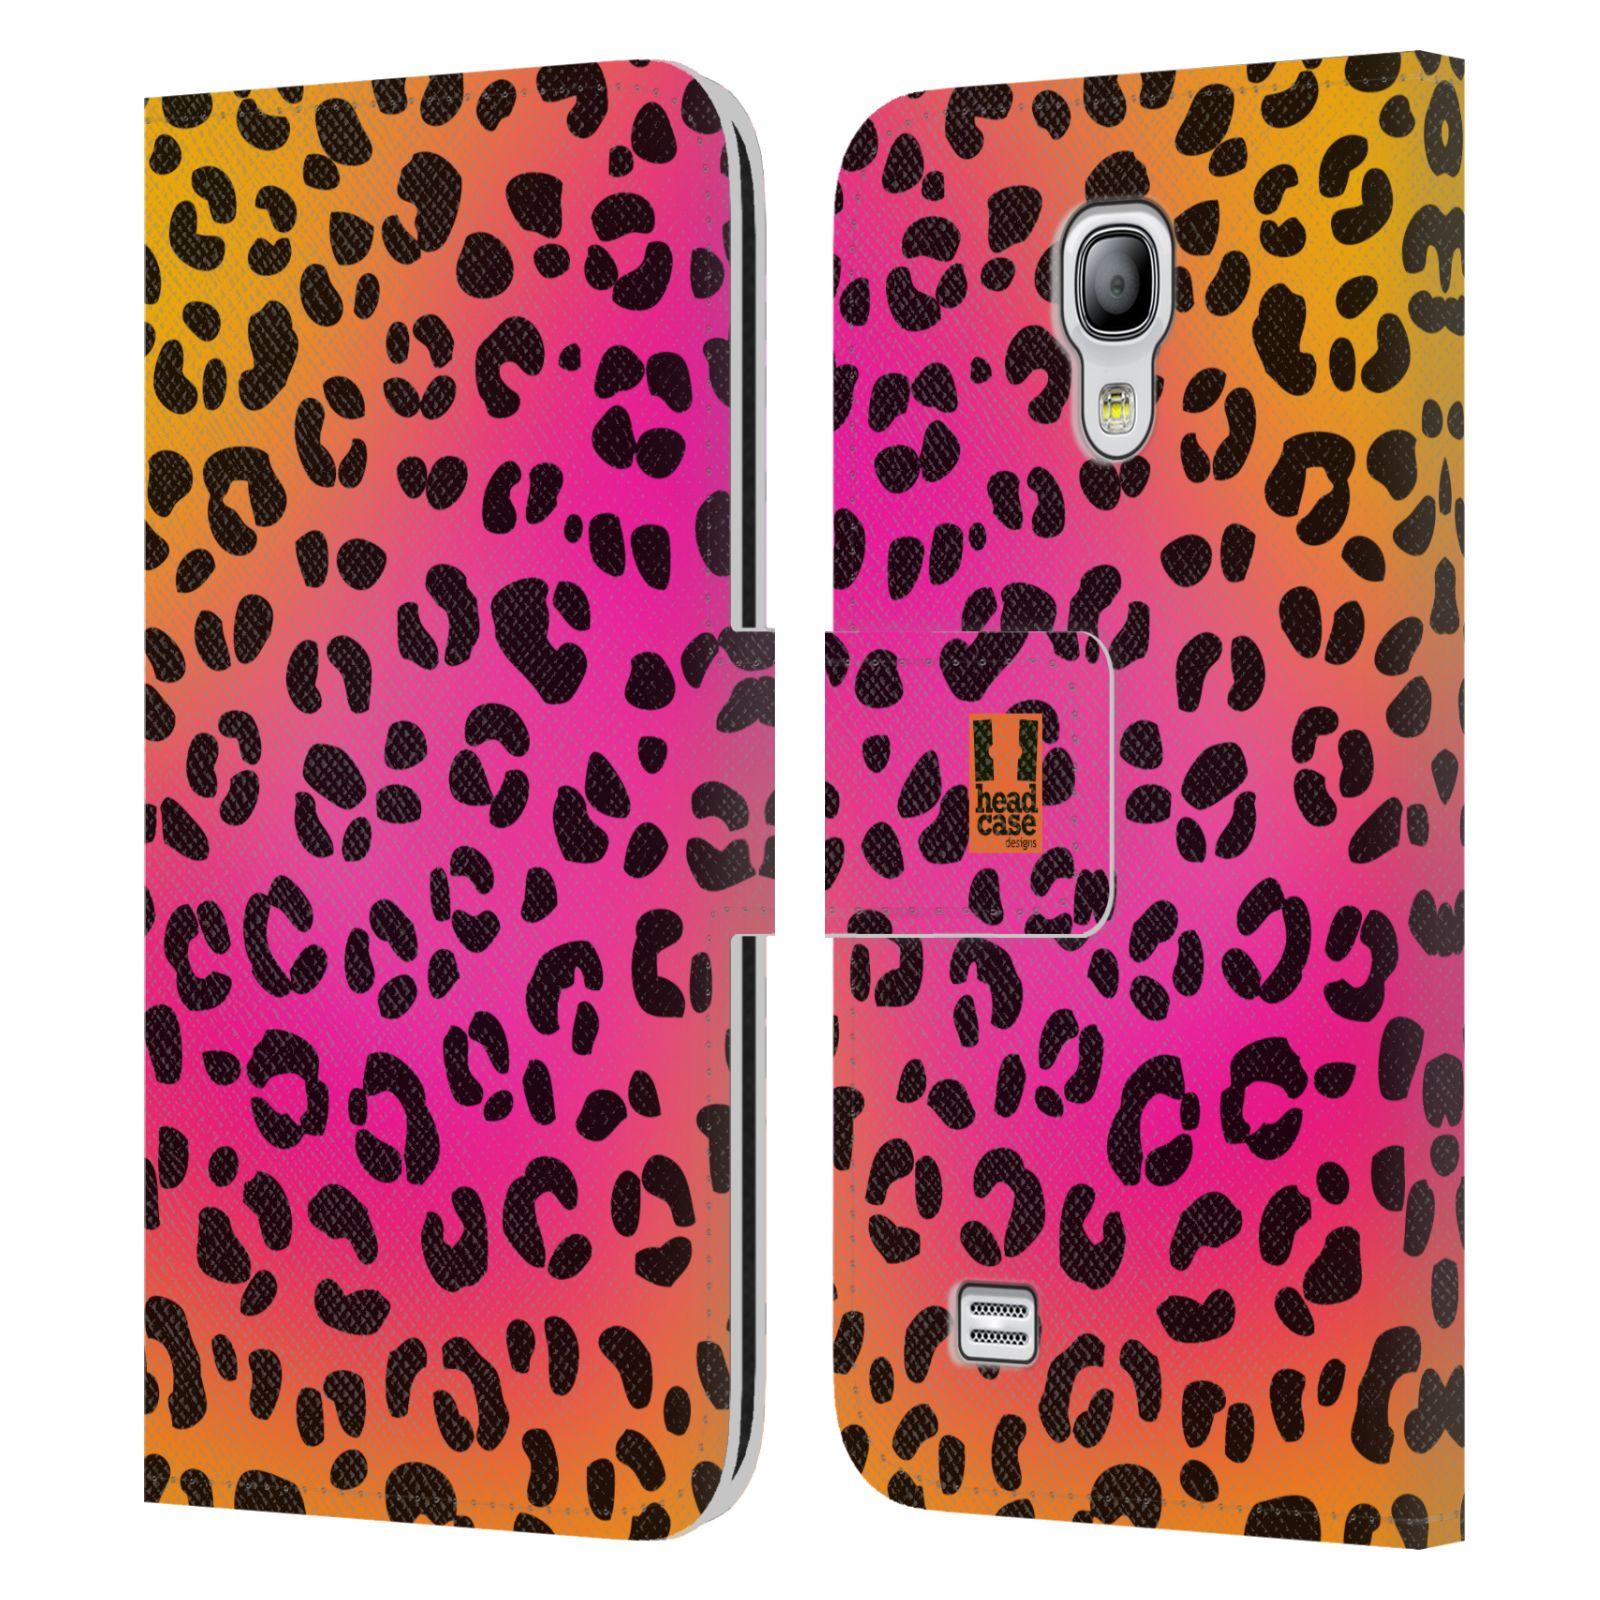 HEAD CASE Flipové pouzdro pro mobil Samsung Galaxy S4 MINI / S4 MINI DUOS Zvířecí barevné vzory růžový leopard